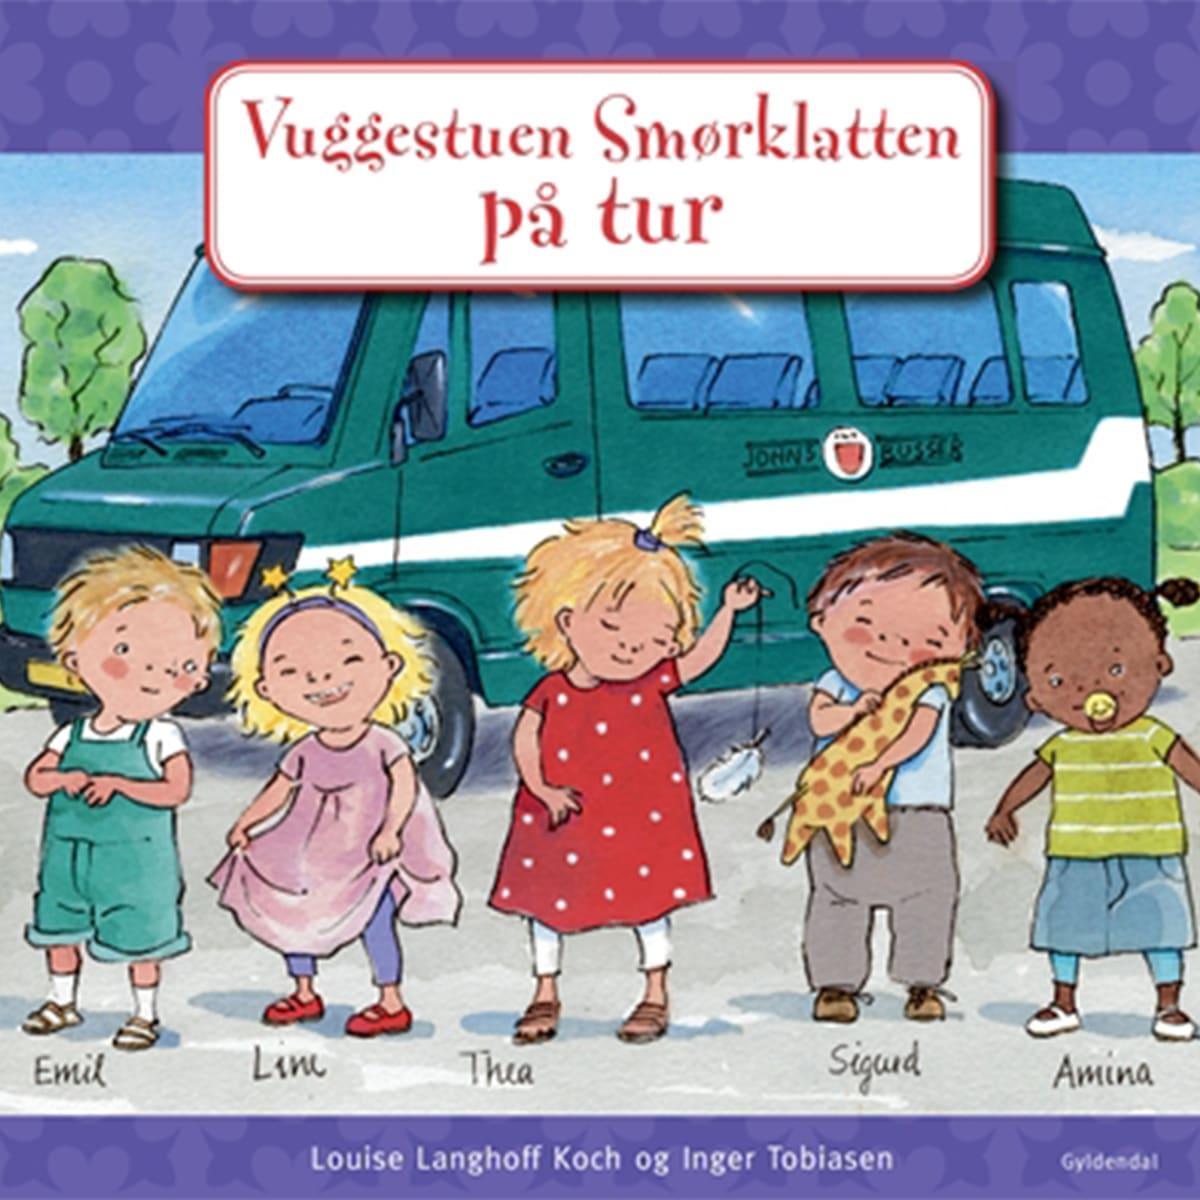 Af Inger Tobiasen & Louise Langhoff Koch